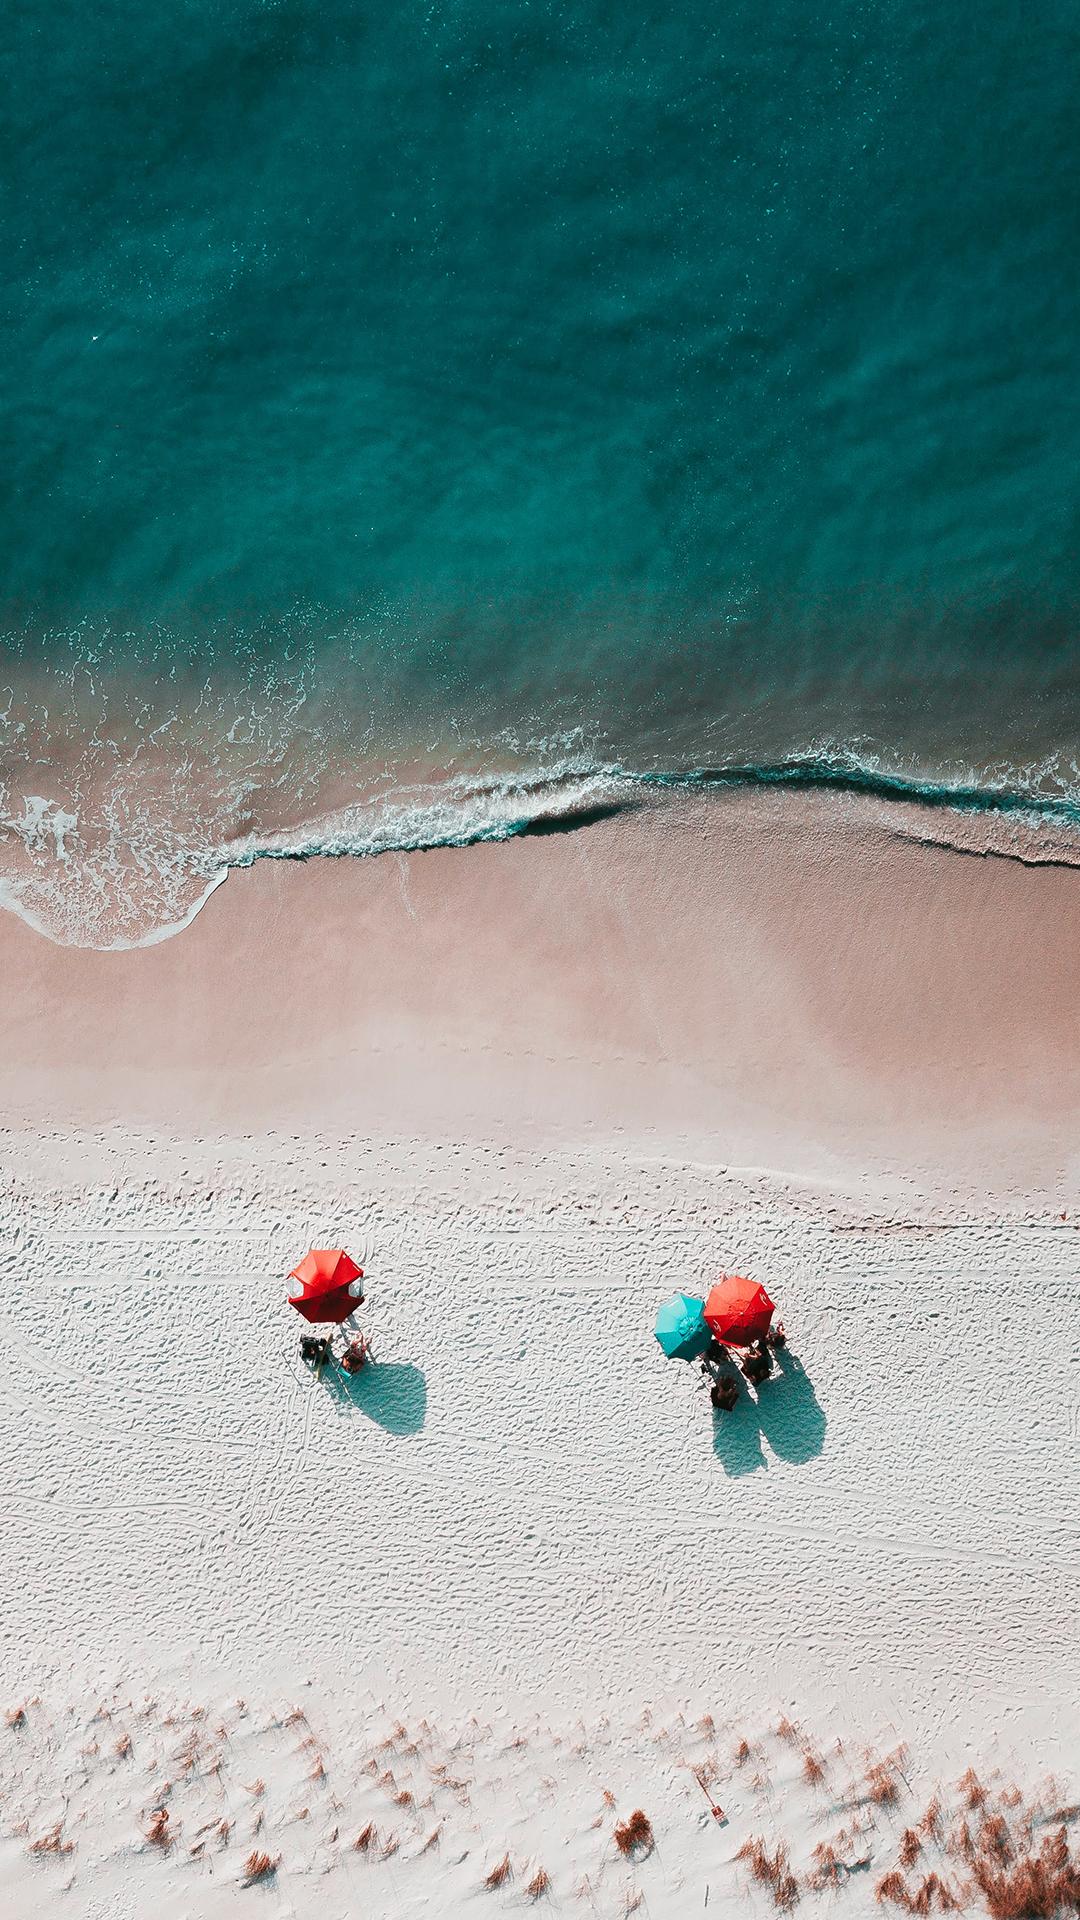 大海 浪花 海滩 遮阳伞 苹果手机高清壁纸 1080x1920